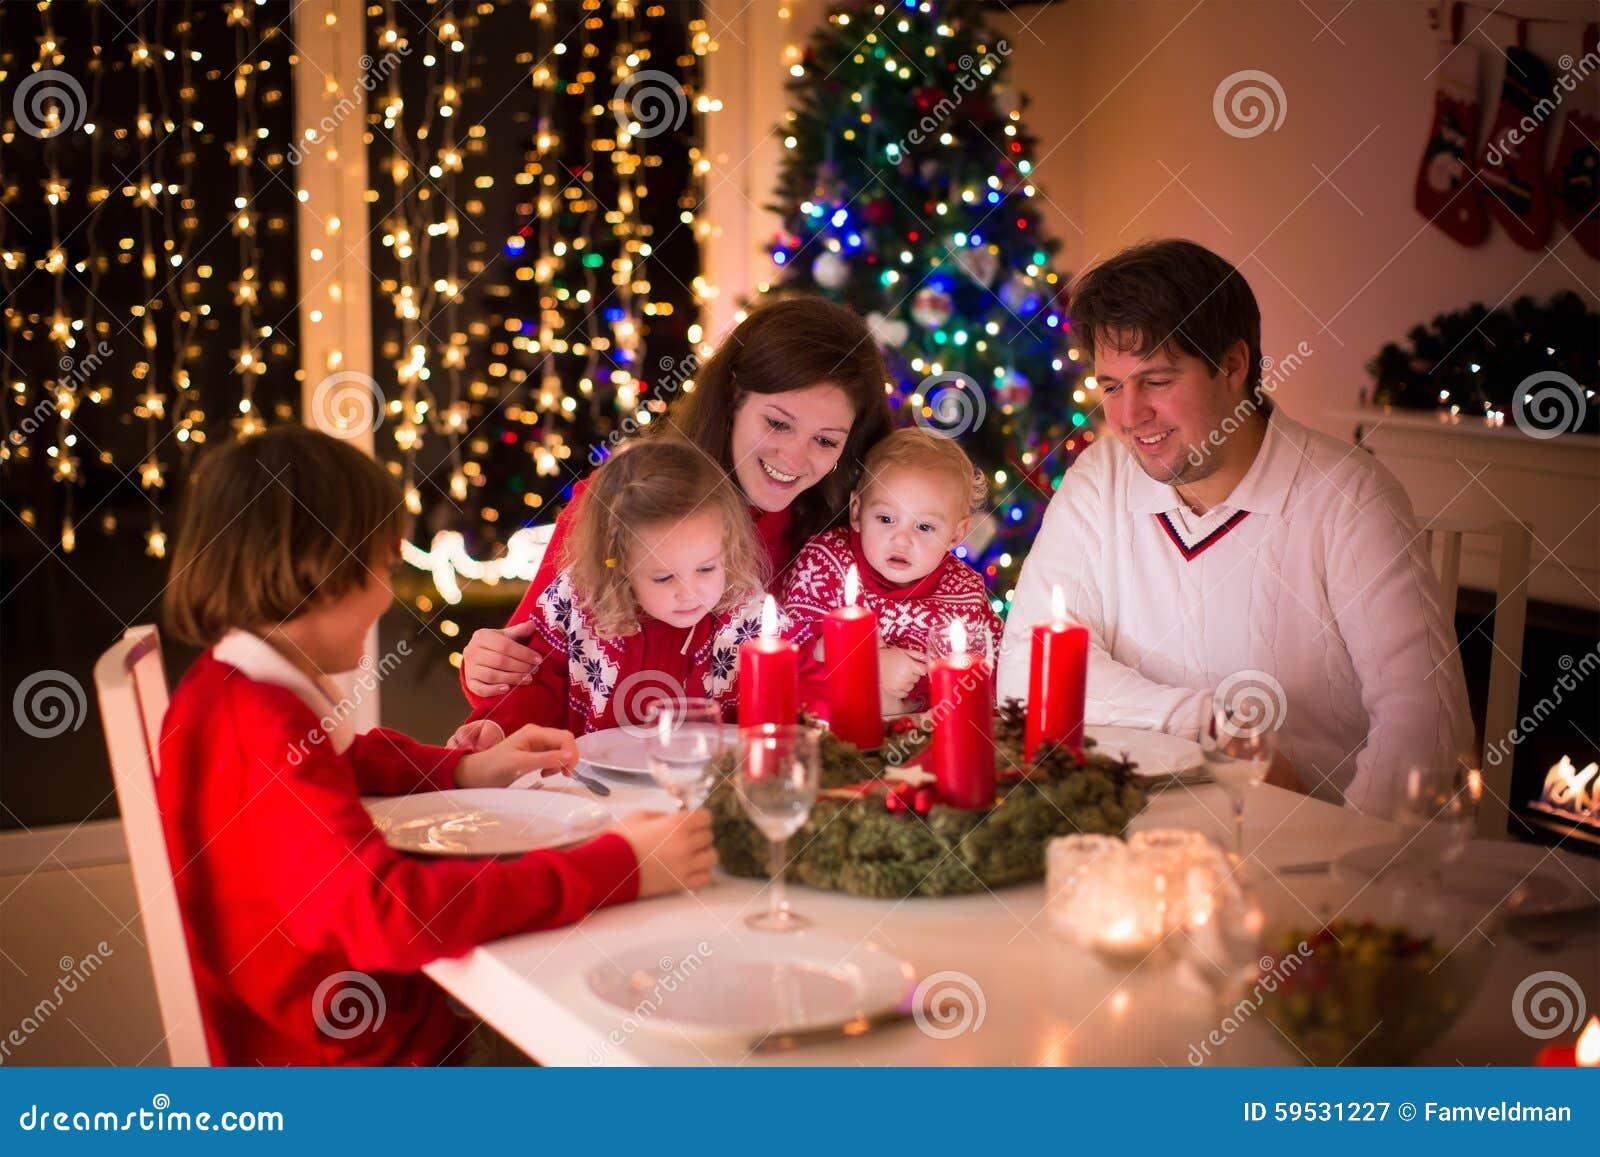 Family Enjoying Christmas Dinner At Home Stock Image